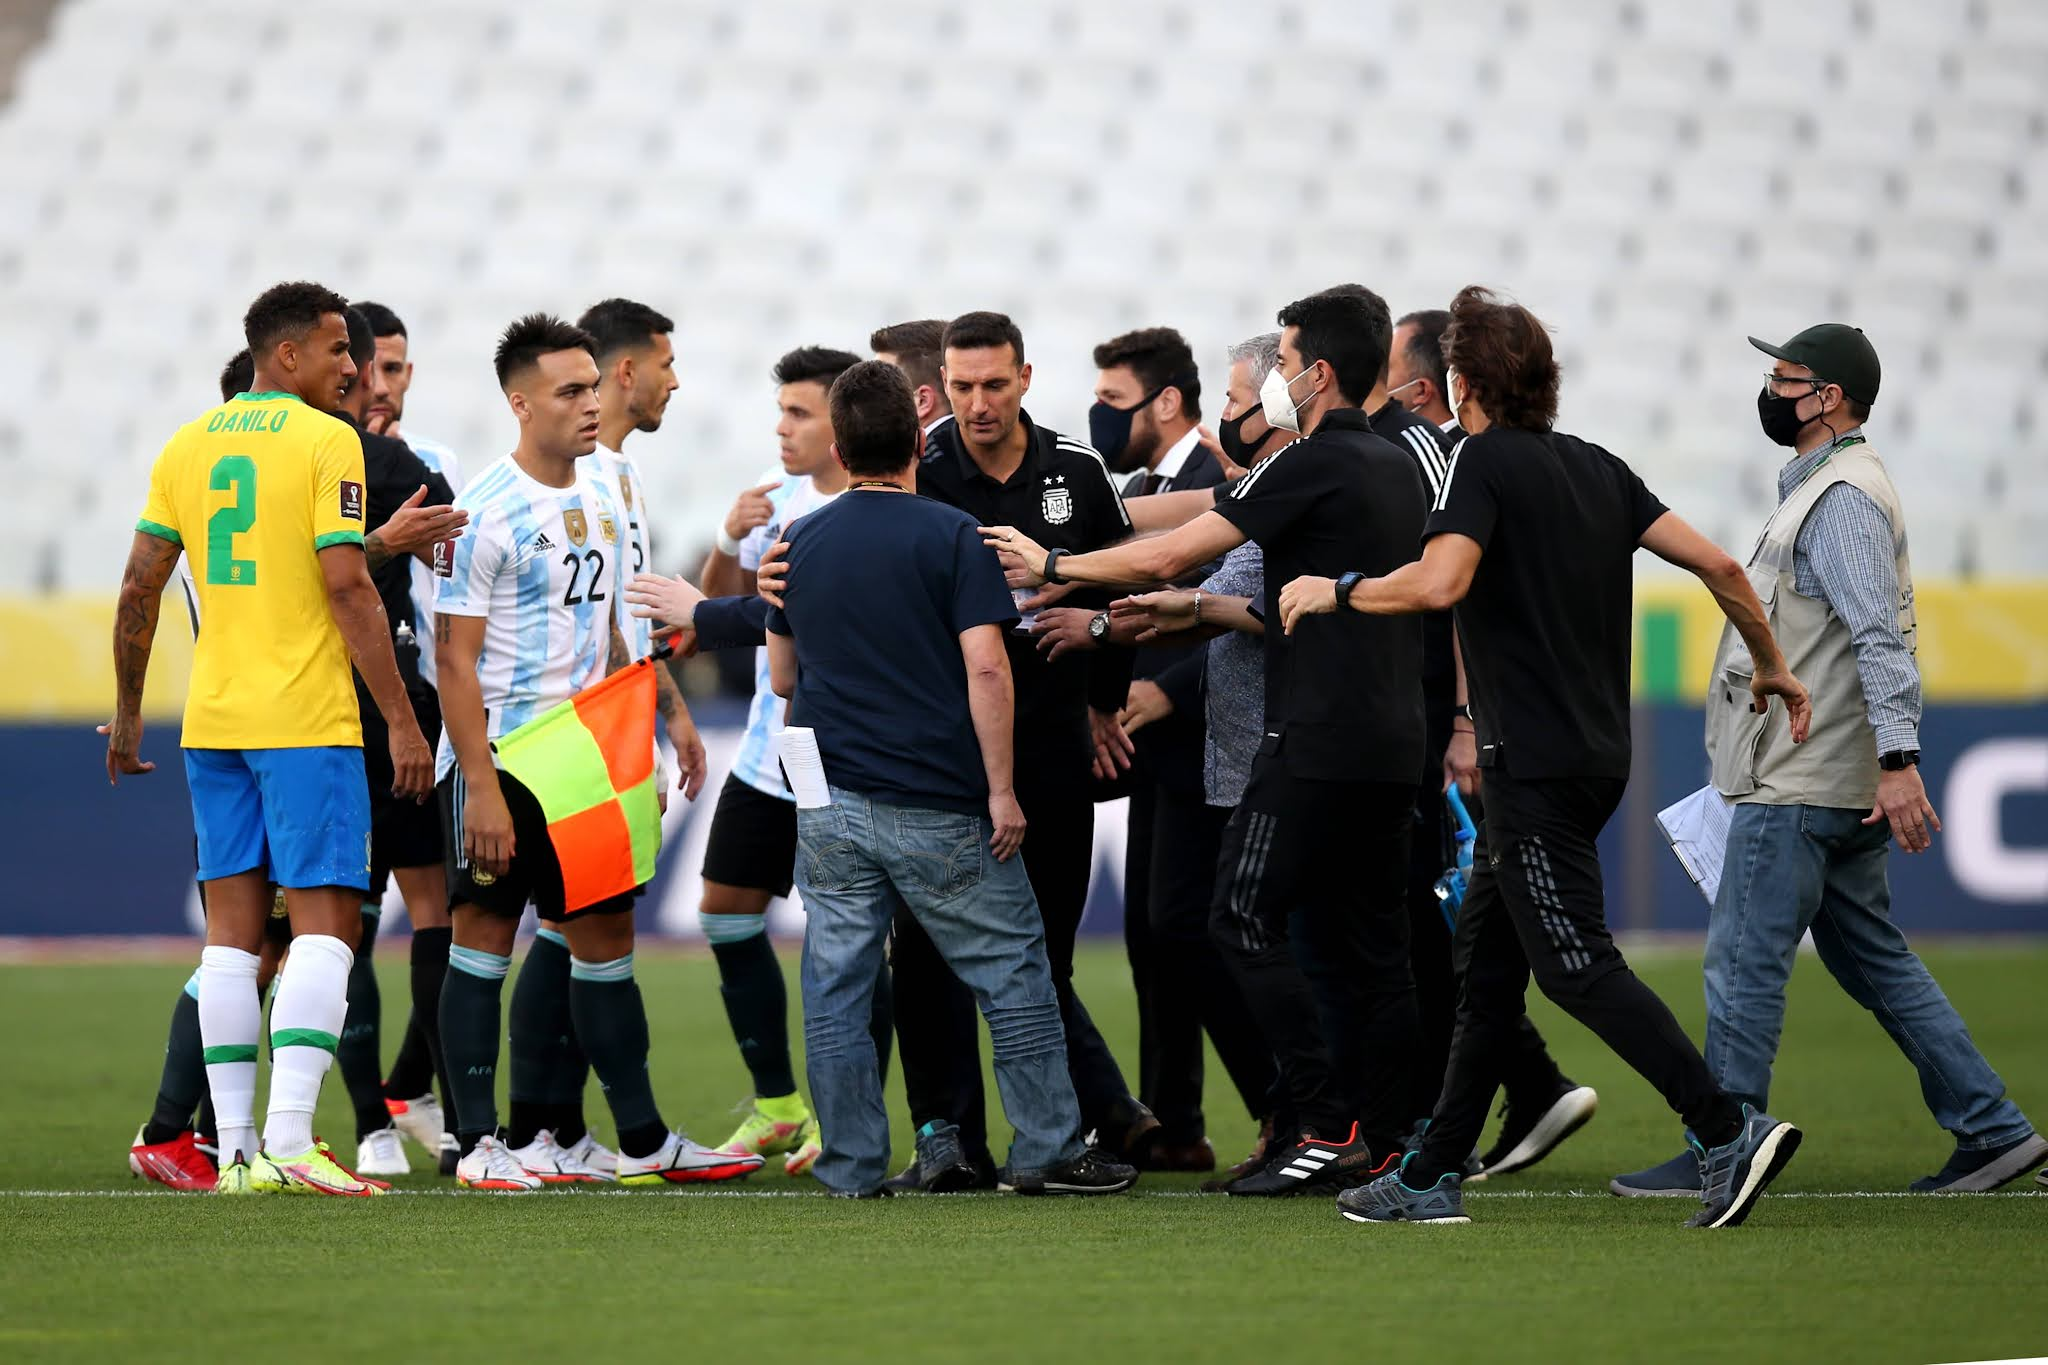 Papelón mundial: el superclásico sudamericano fue suspendido por funcionarios de sanidad de Brasil